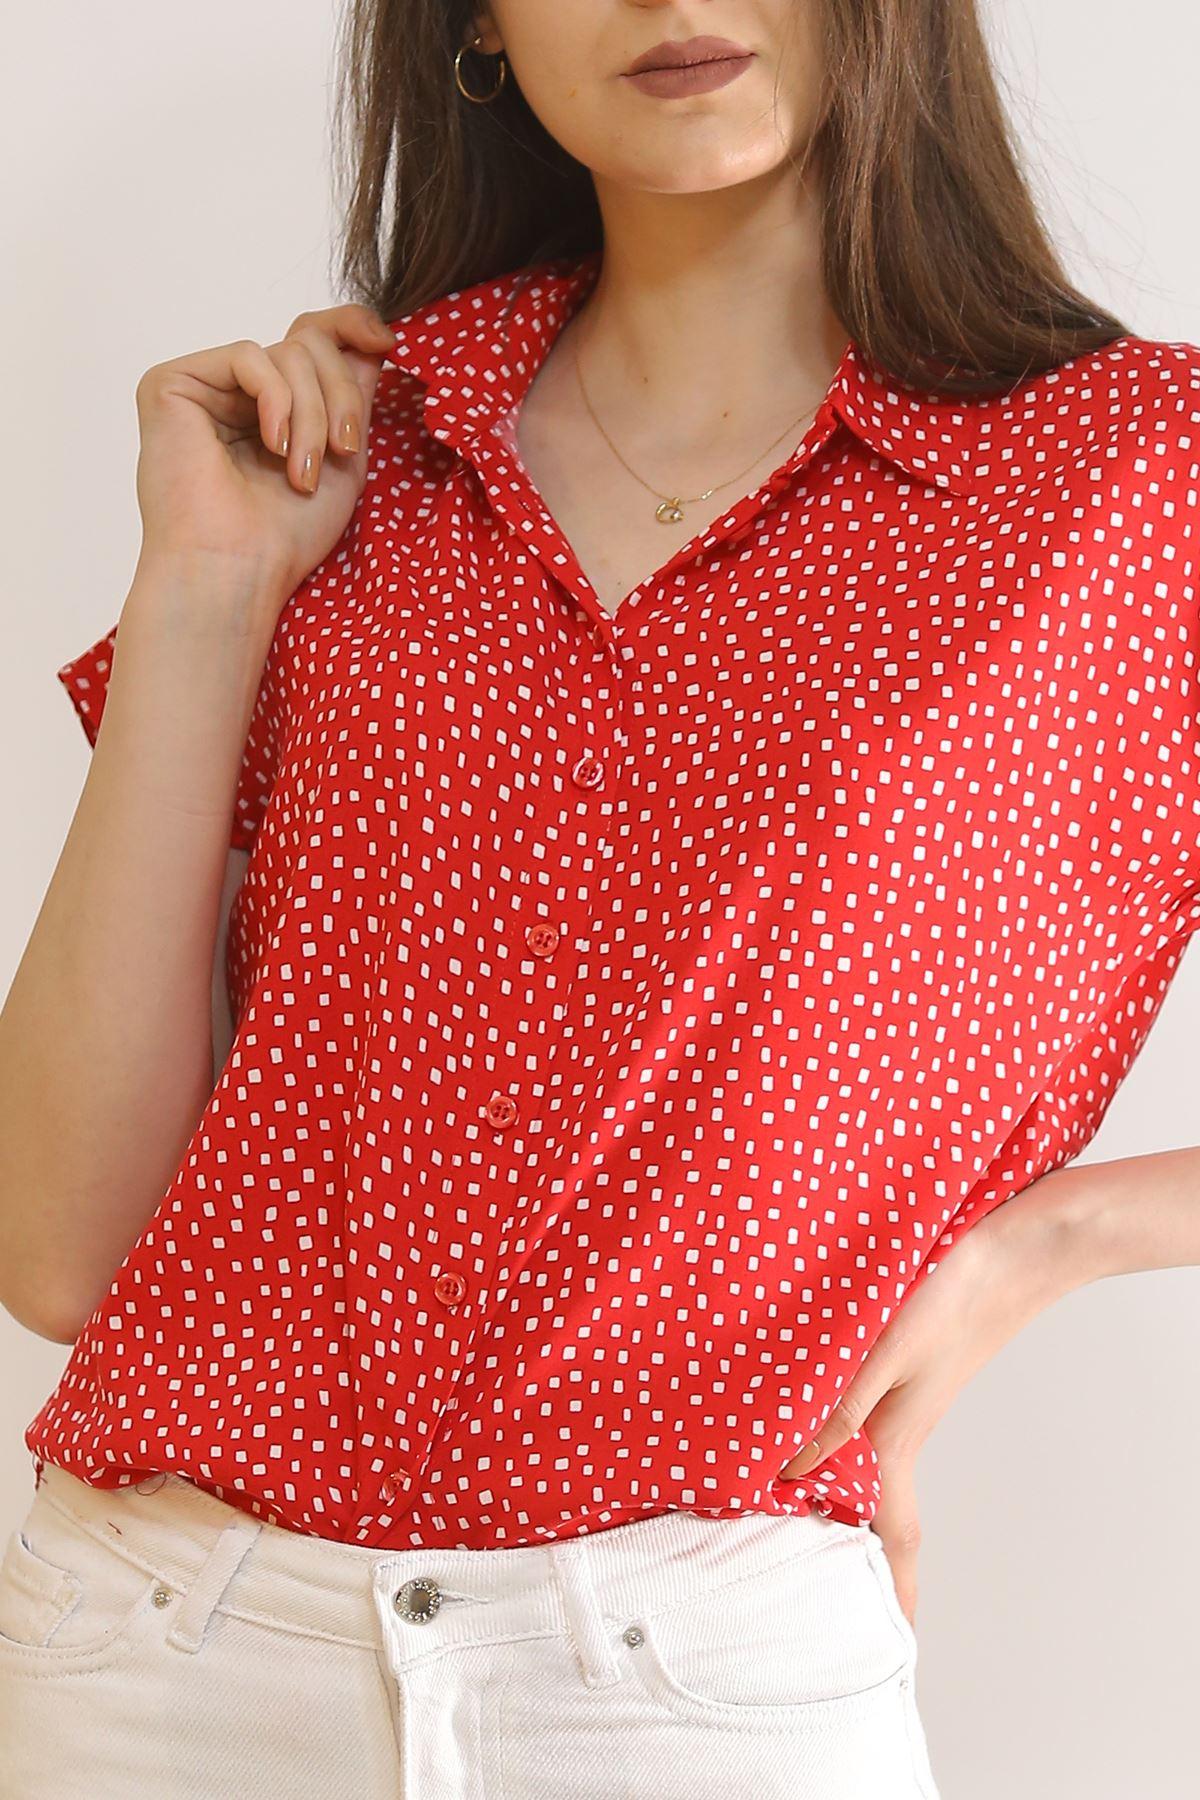 Yarasa Kol Gömlek Noktalıkırmızı - 1546.1095.